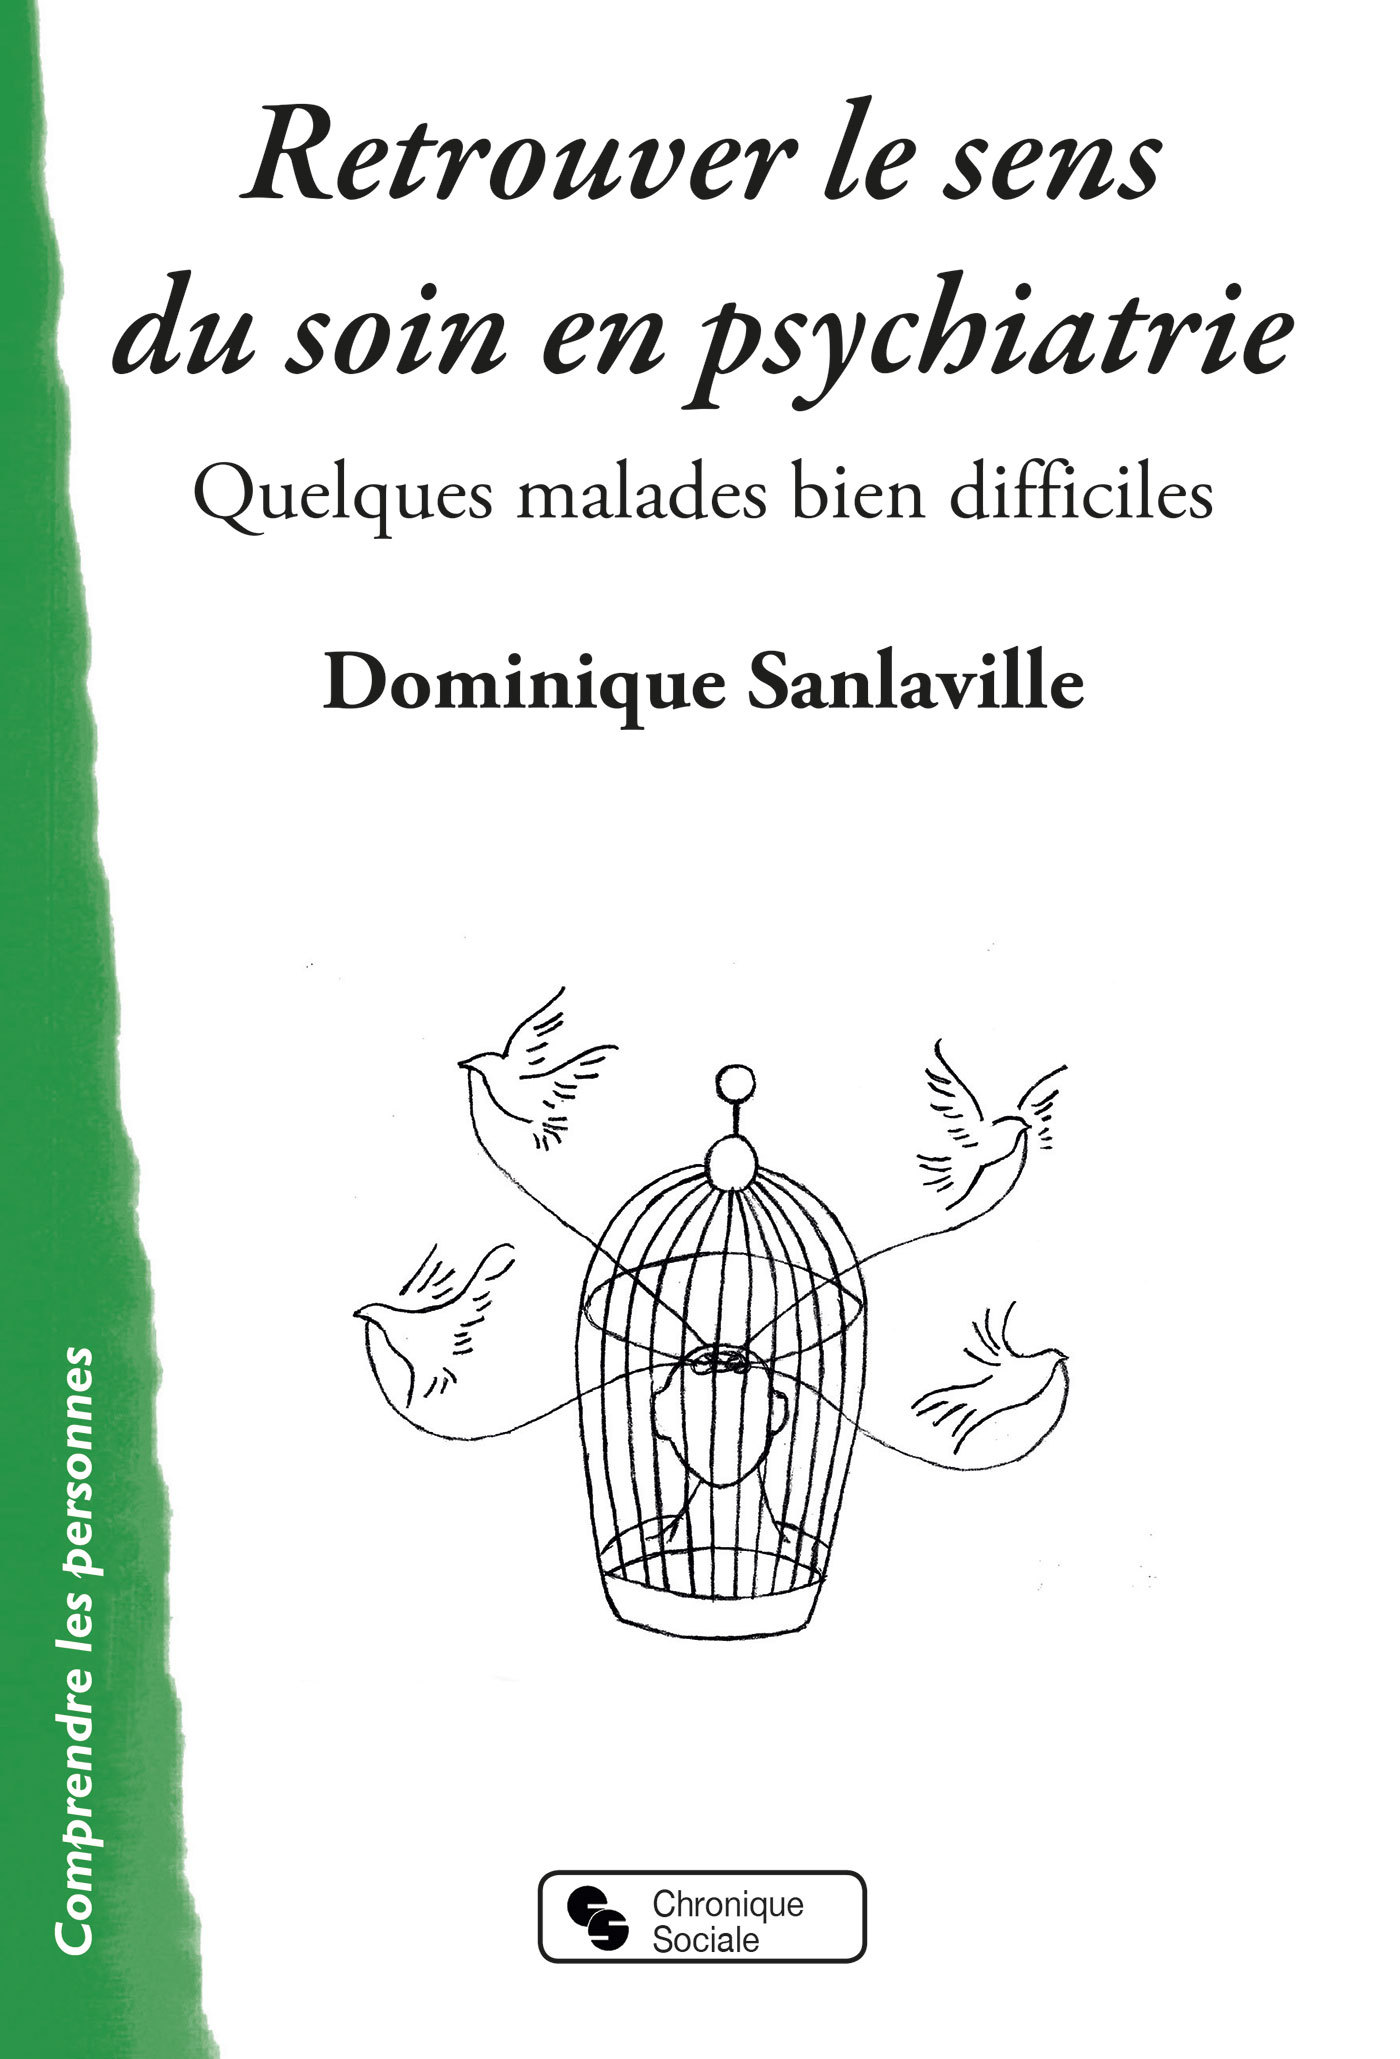 RETROUVER LE SENS DU SOIN EN PSYCHIATRIE - QUELQUES MALADES BIEN DIFFICILES